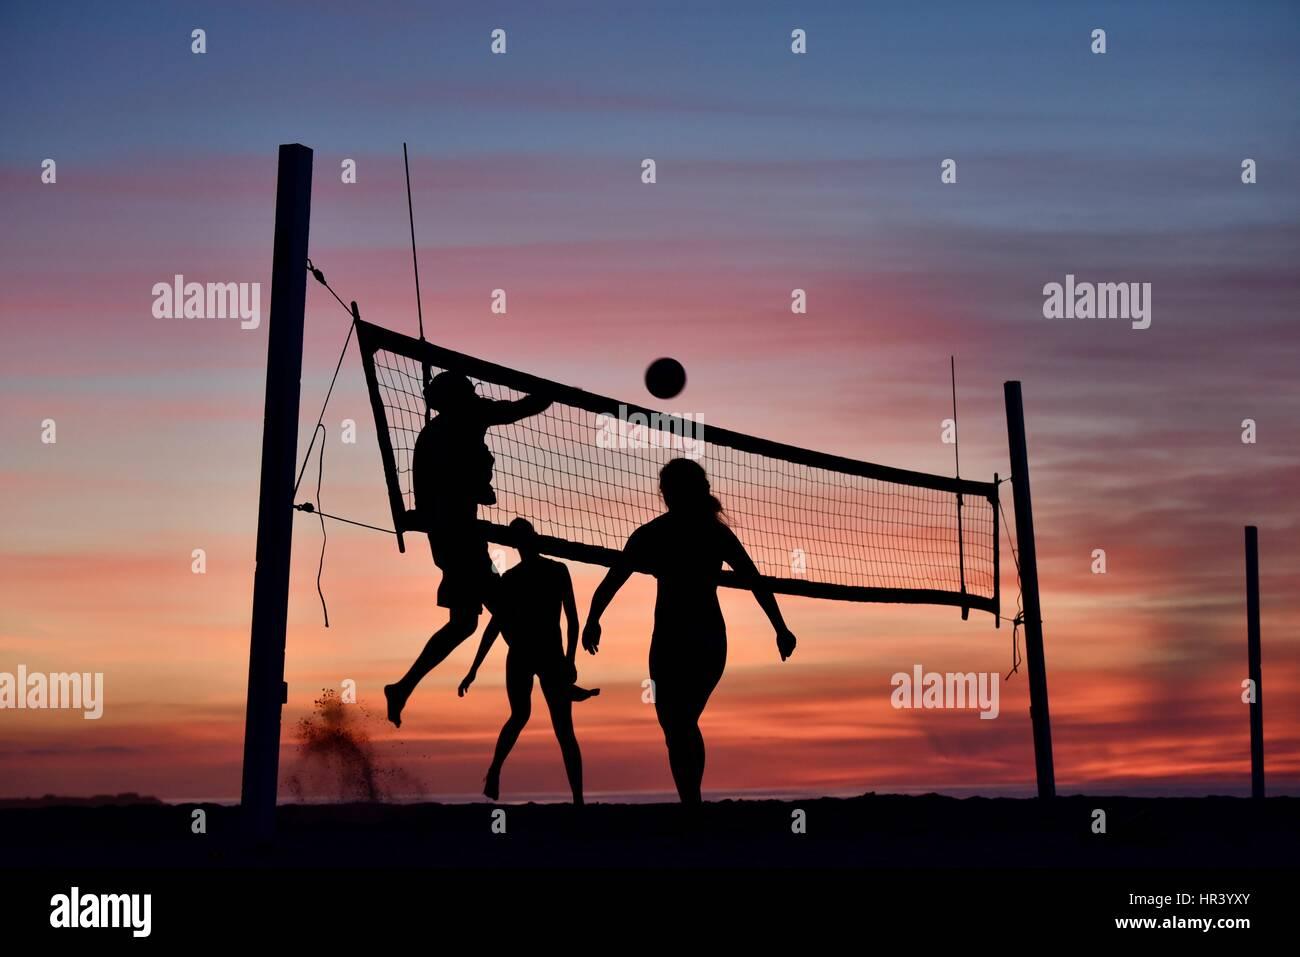 Silhouettes de joueurs de volley-ball féminin volley-ball pratique sur une plage au coucher du soleil à Photo Stock